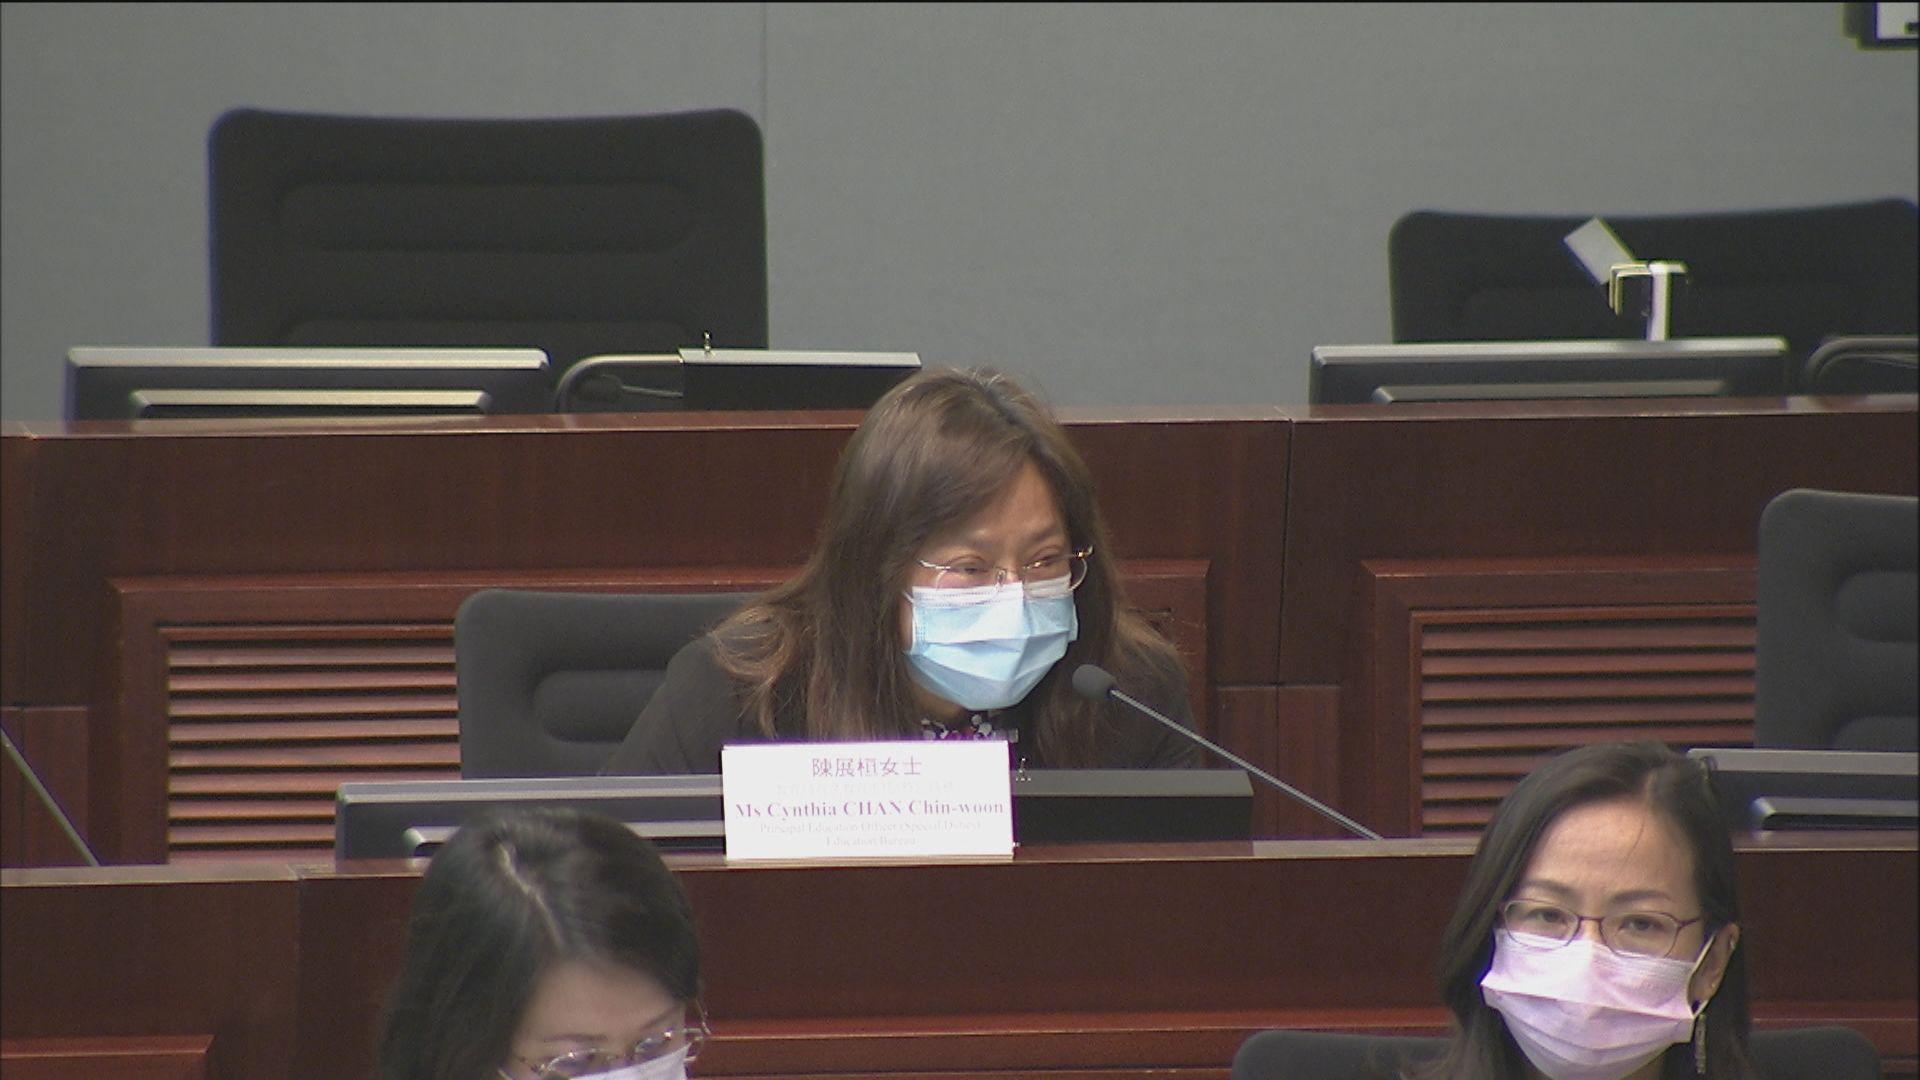 教育局:政府發放予文憑試考生口罩由物流署供應